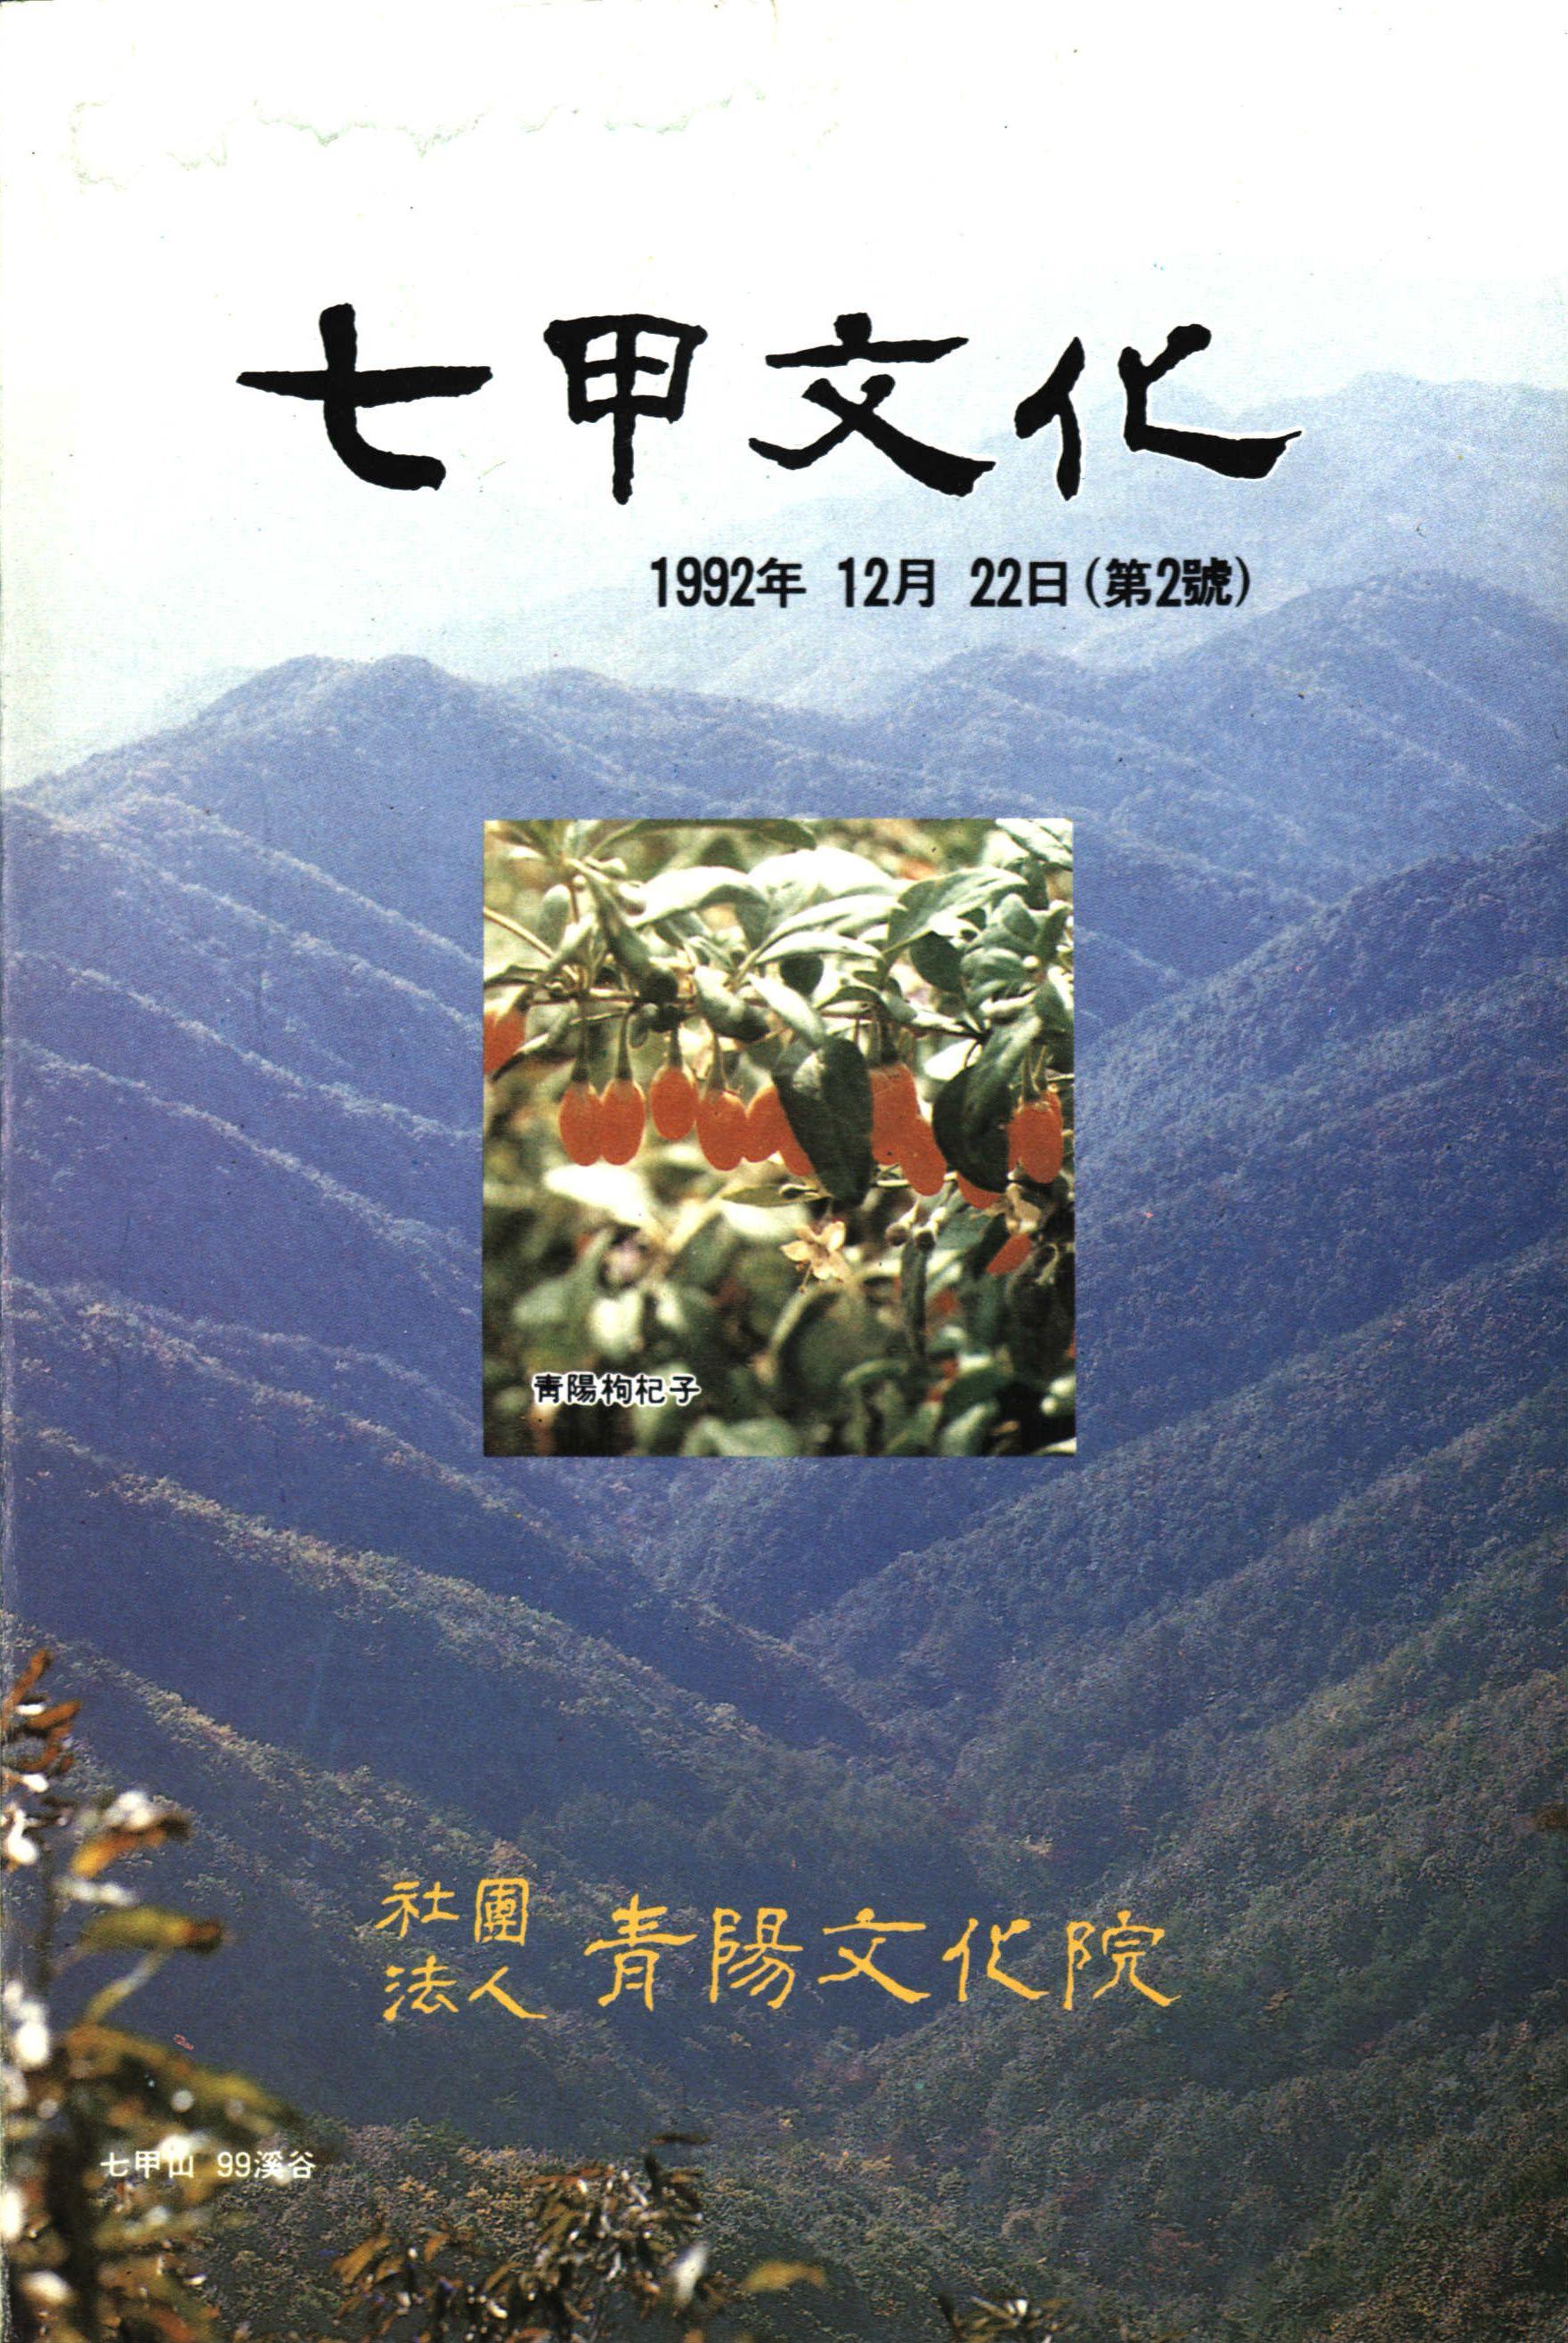 七甲文化 (칠갑문화) 제2호